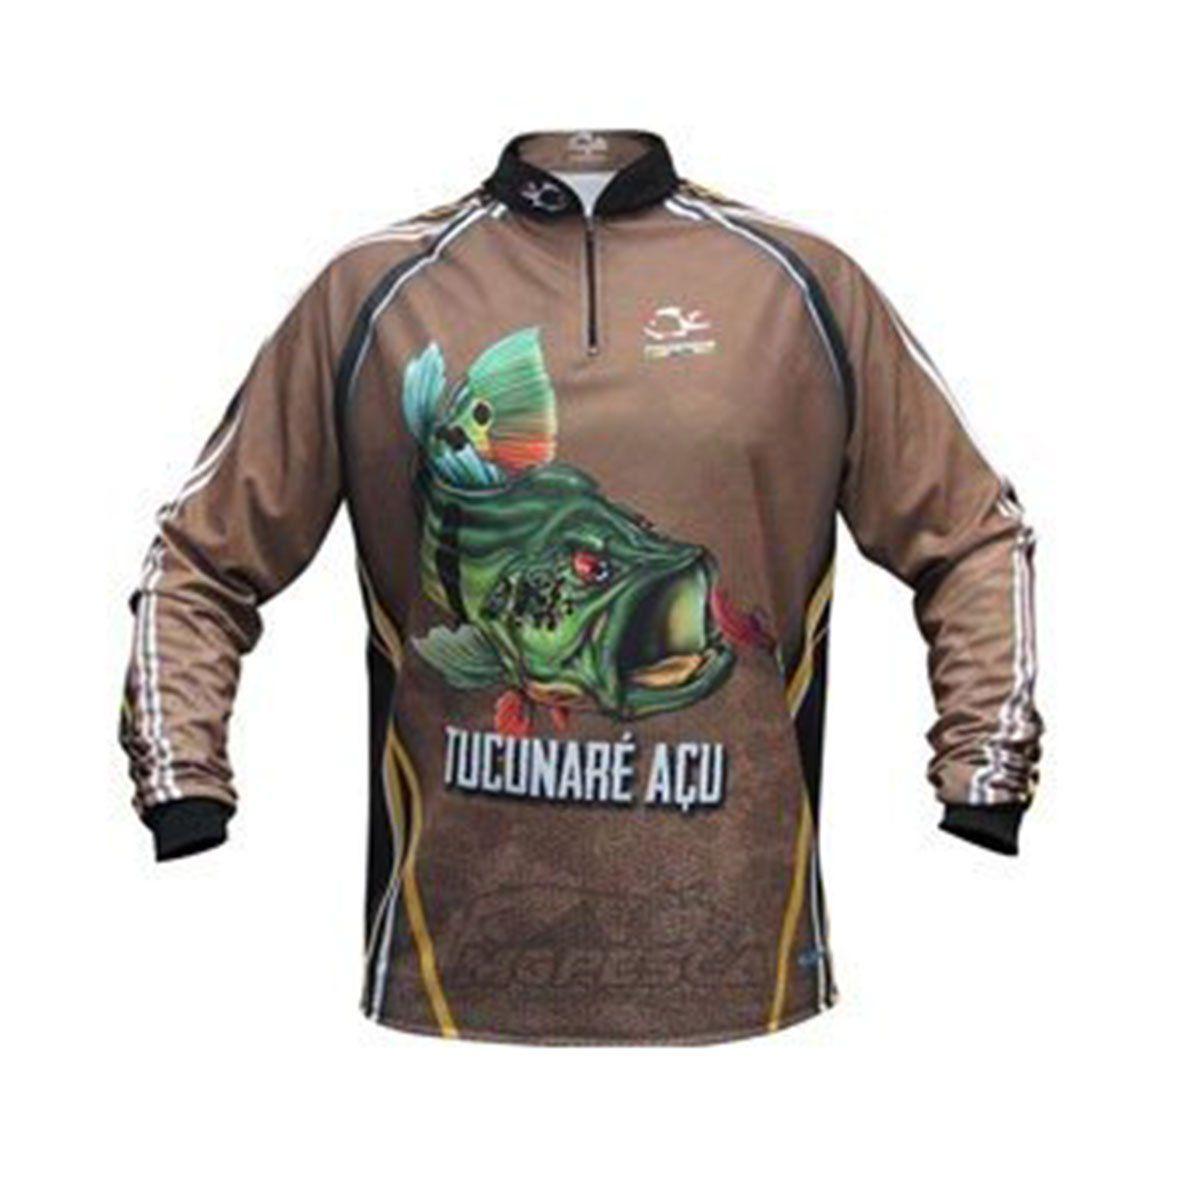 Camisa Faca na Rede Tucunare Acu NC 20